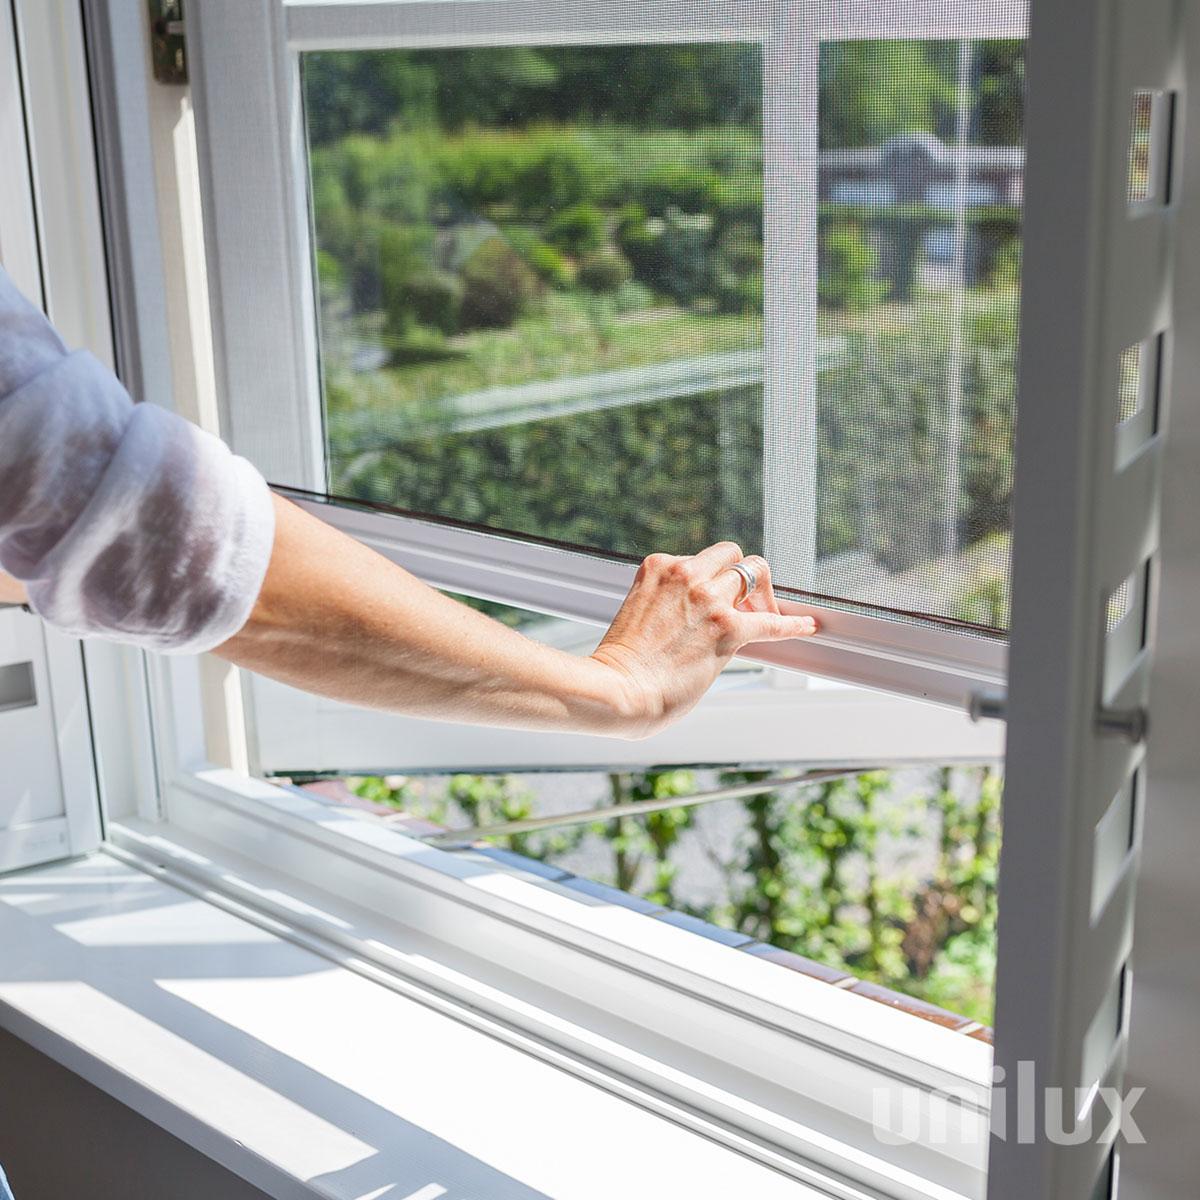 Horren van Unilux - Groenevelt Zonwering & Raamdecoratie.